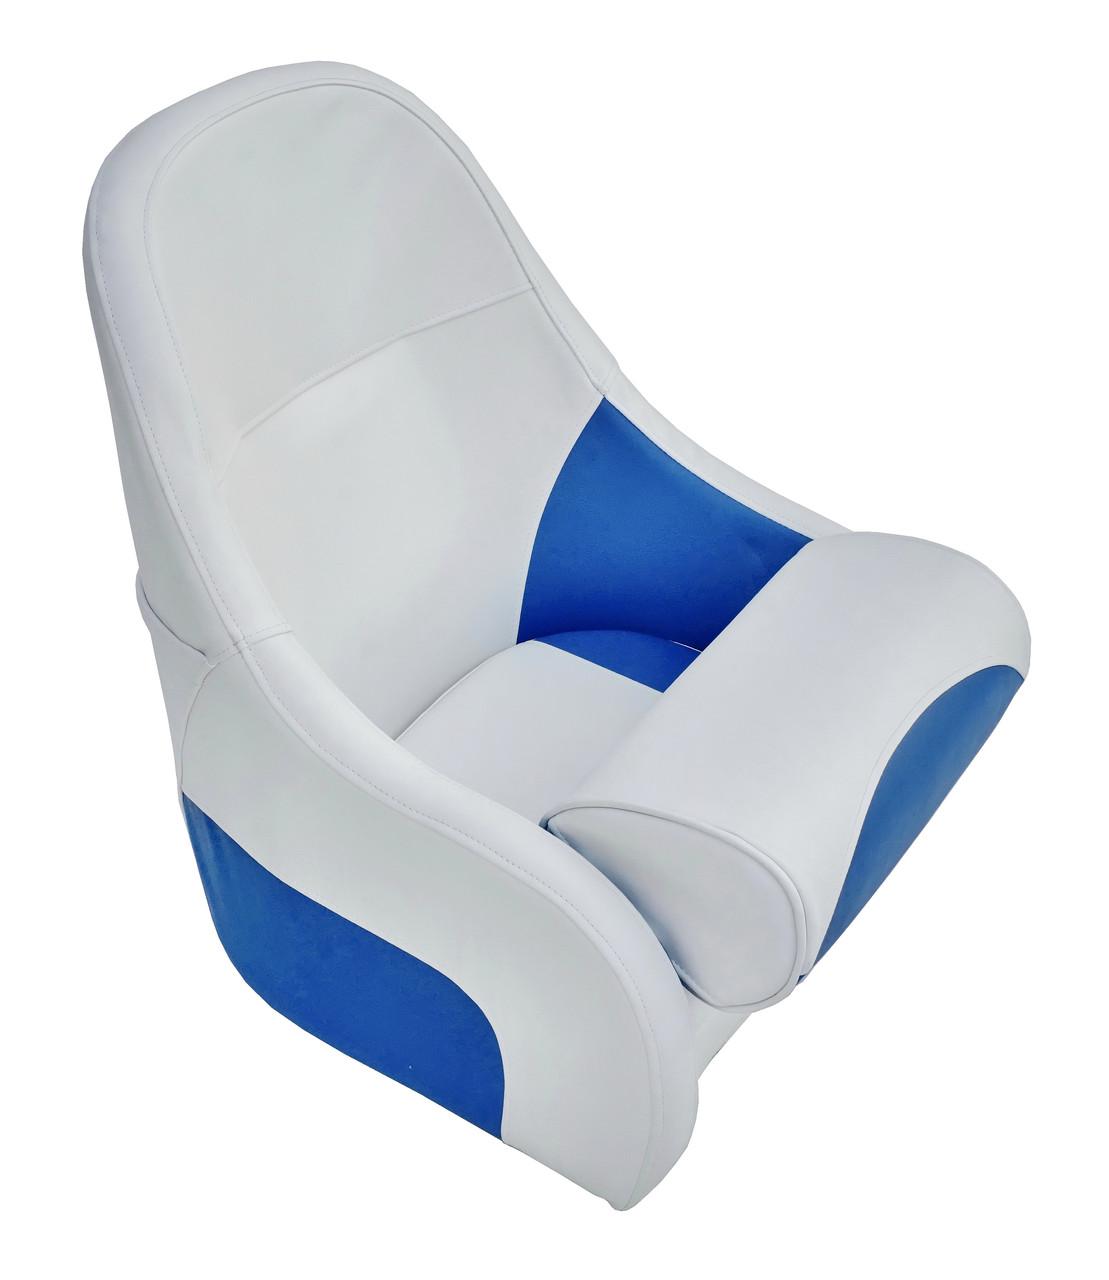 Сиденье для катера, лодки, яхты Flip up с крепежной пластиной серо-синее 13126